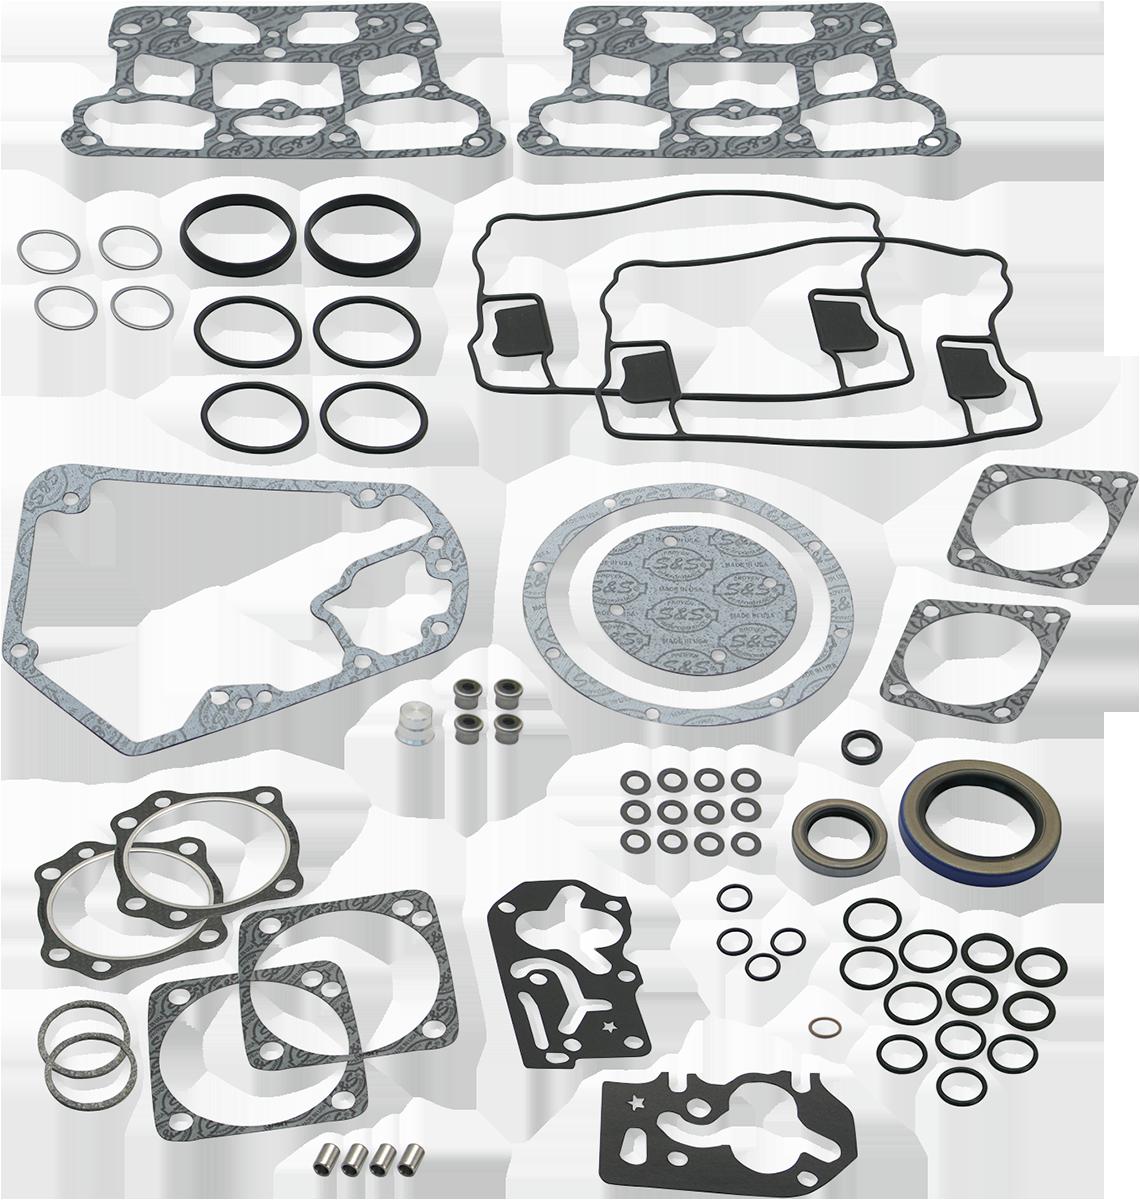 S&S 106-0964 Complete Engine Rebuild Gasket Kit V-Series 4